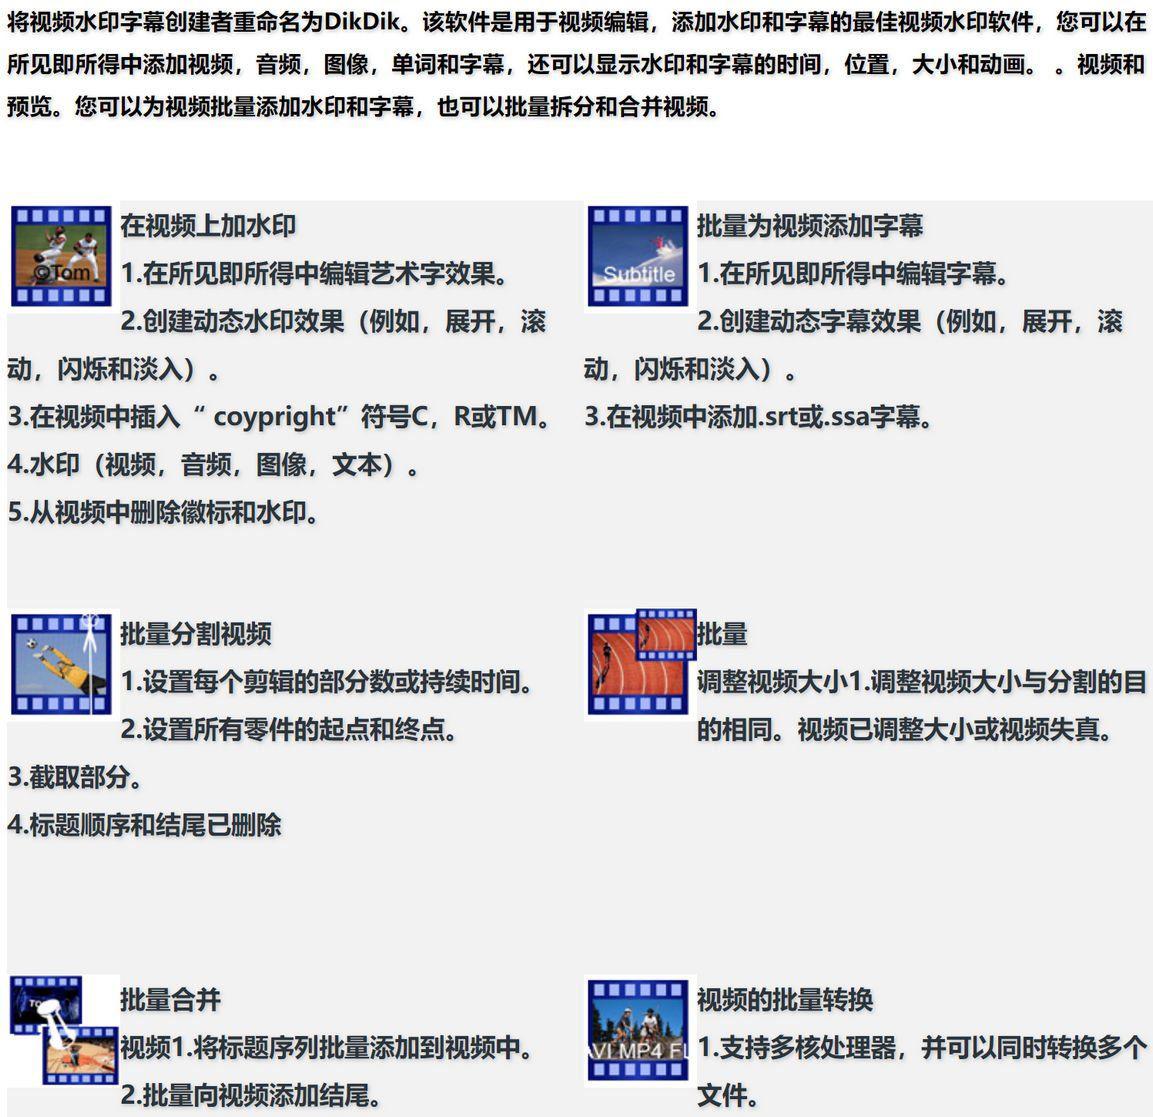 DikDik,视频图片批量添加去除水印和字幕